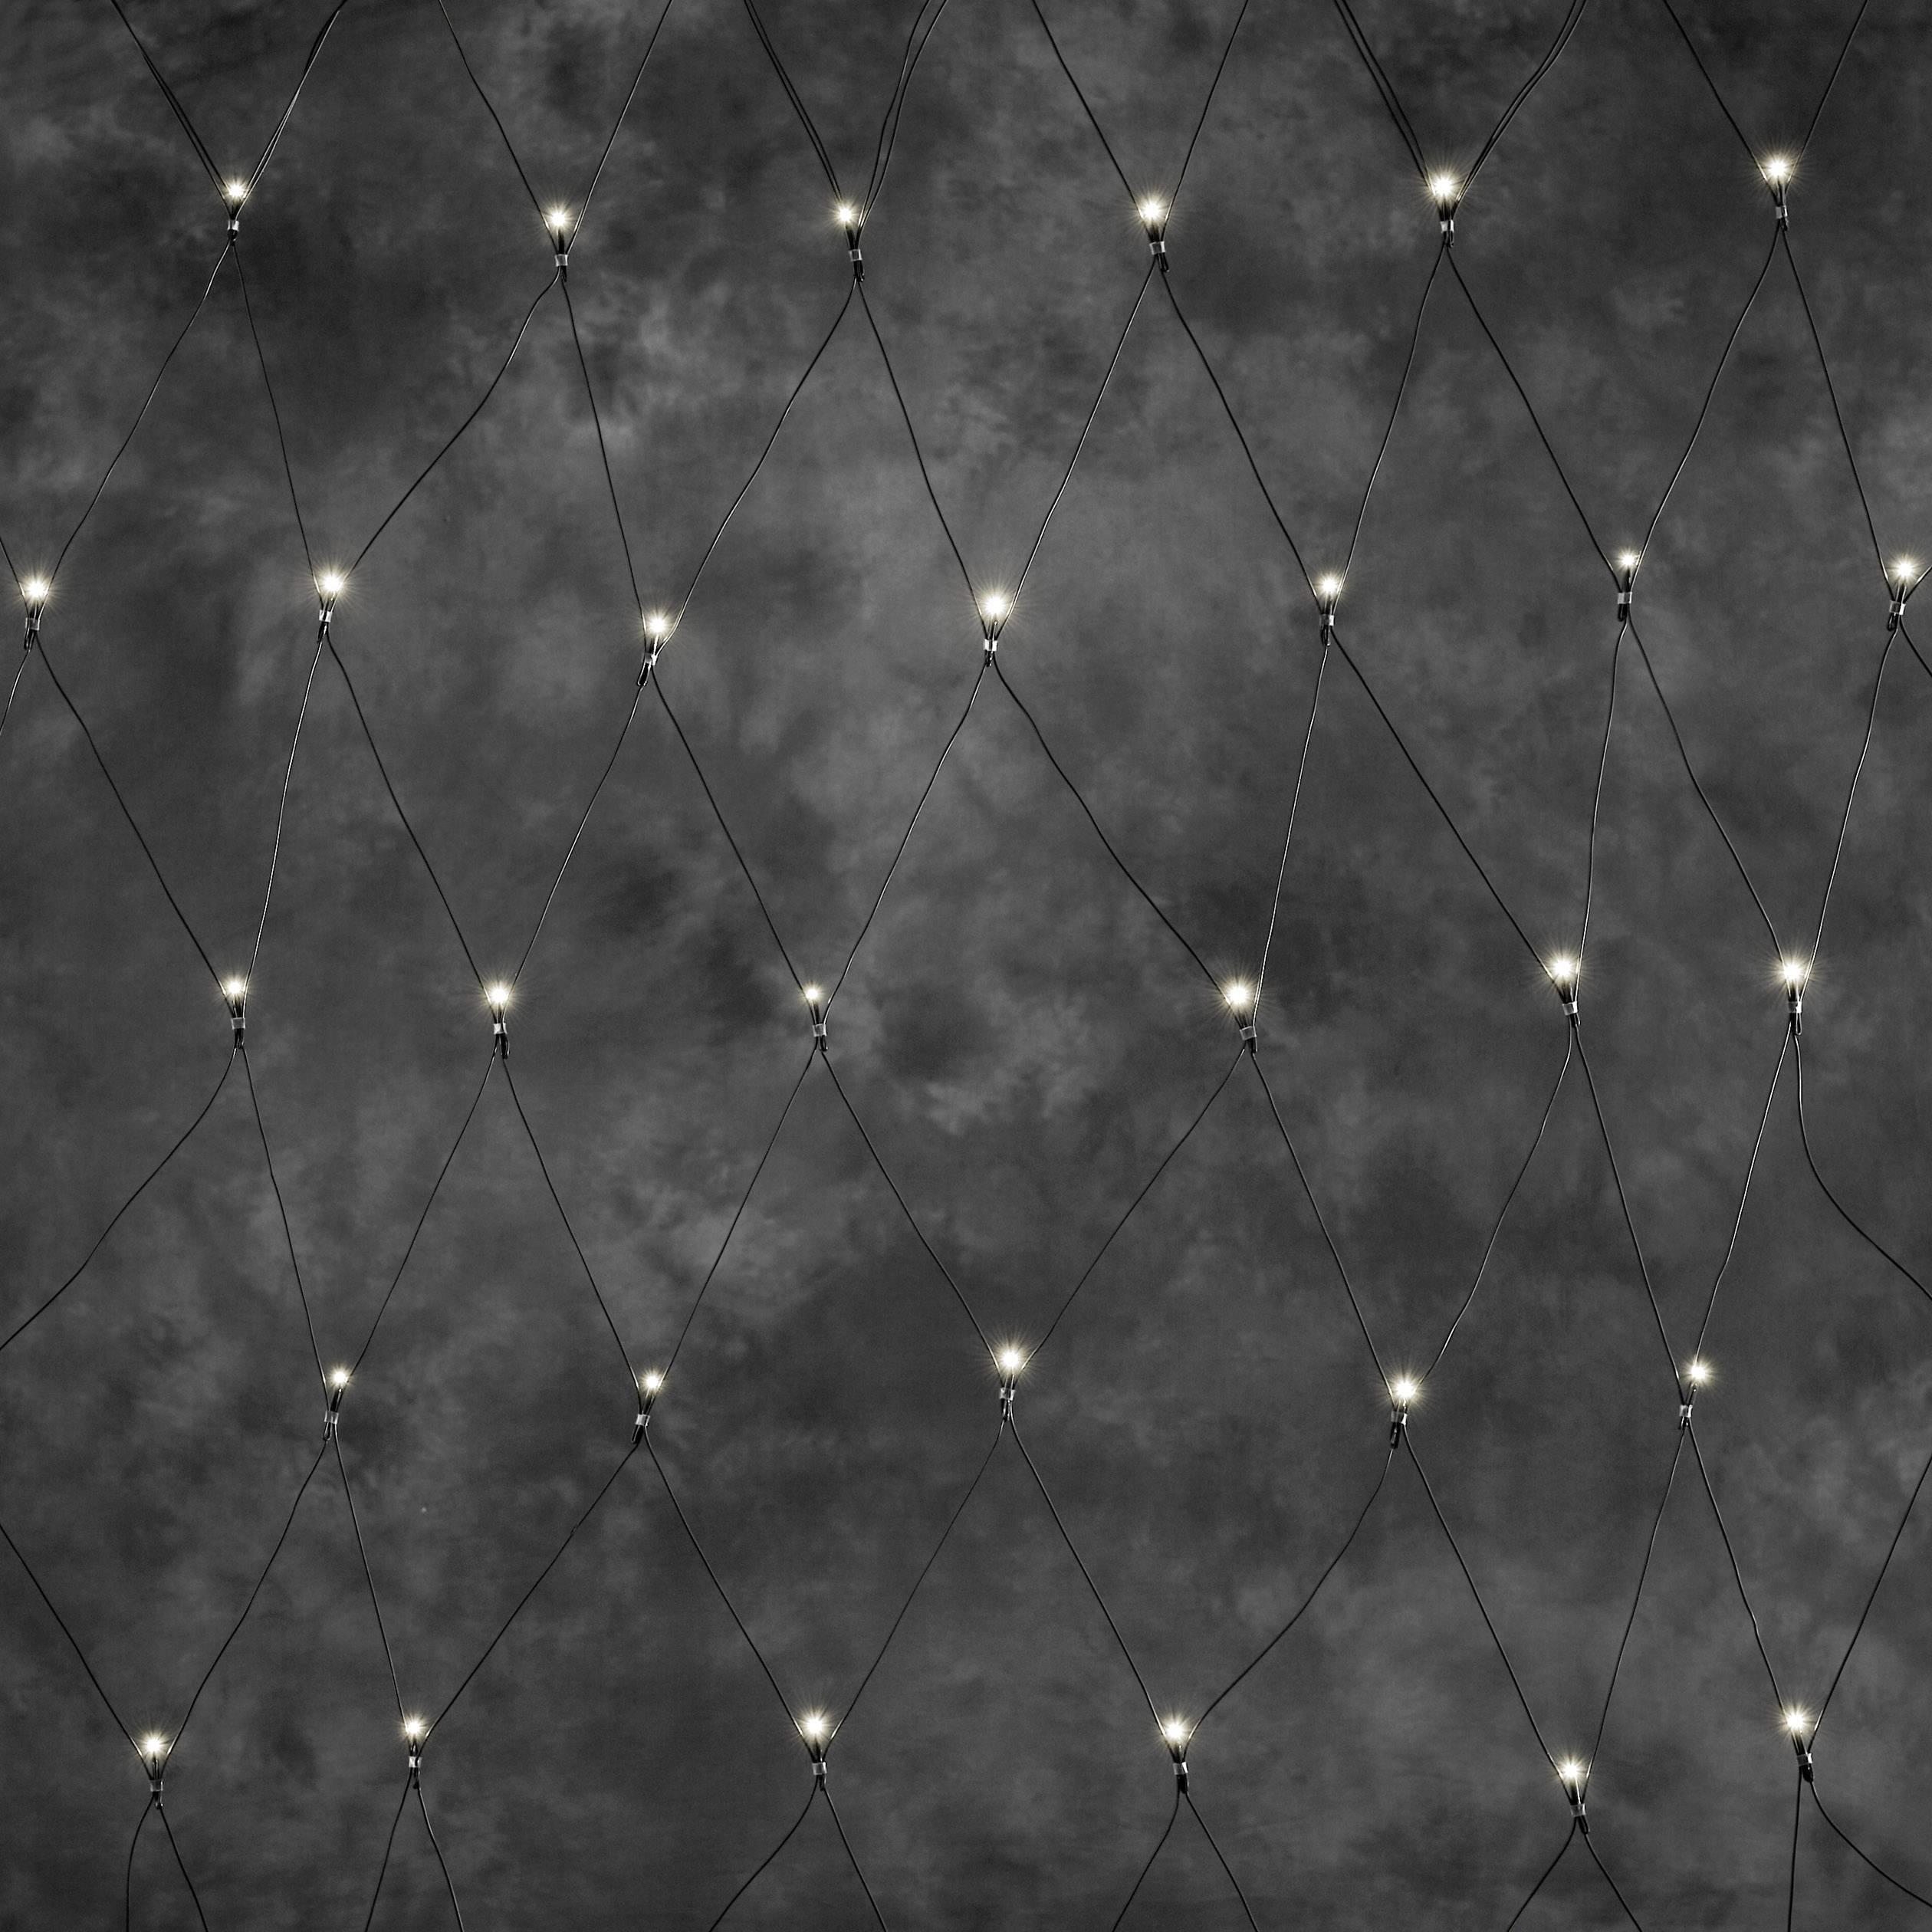 izdelek-konstsmide-led-razsiritev-za-sistem-svetlobne-mreze-24-v-sve